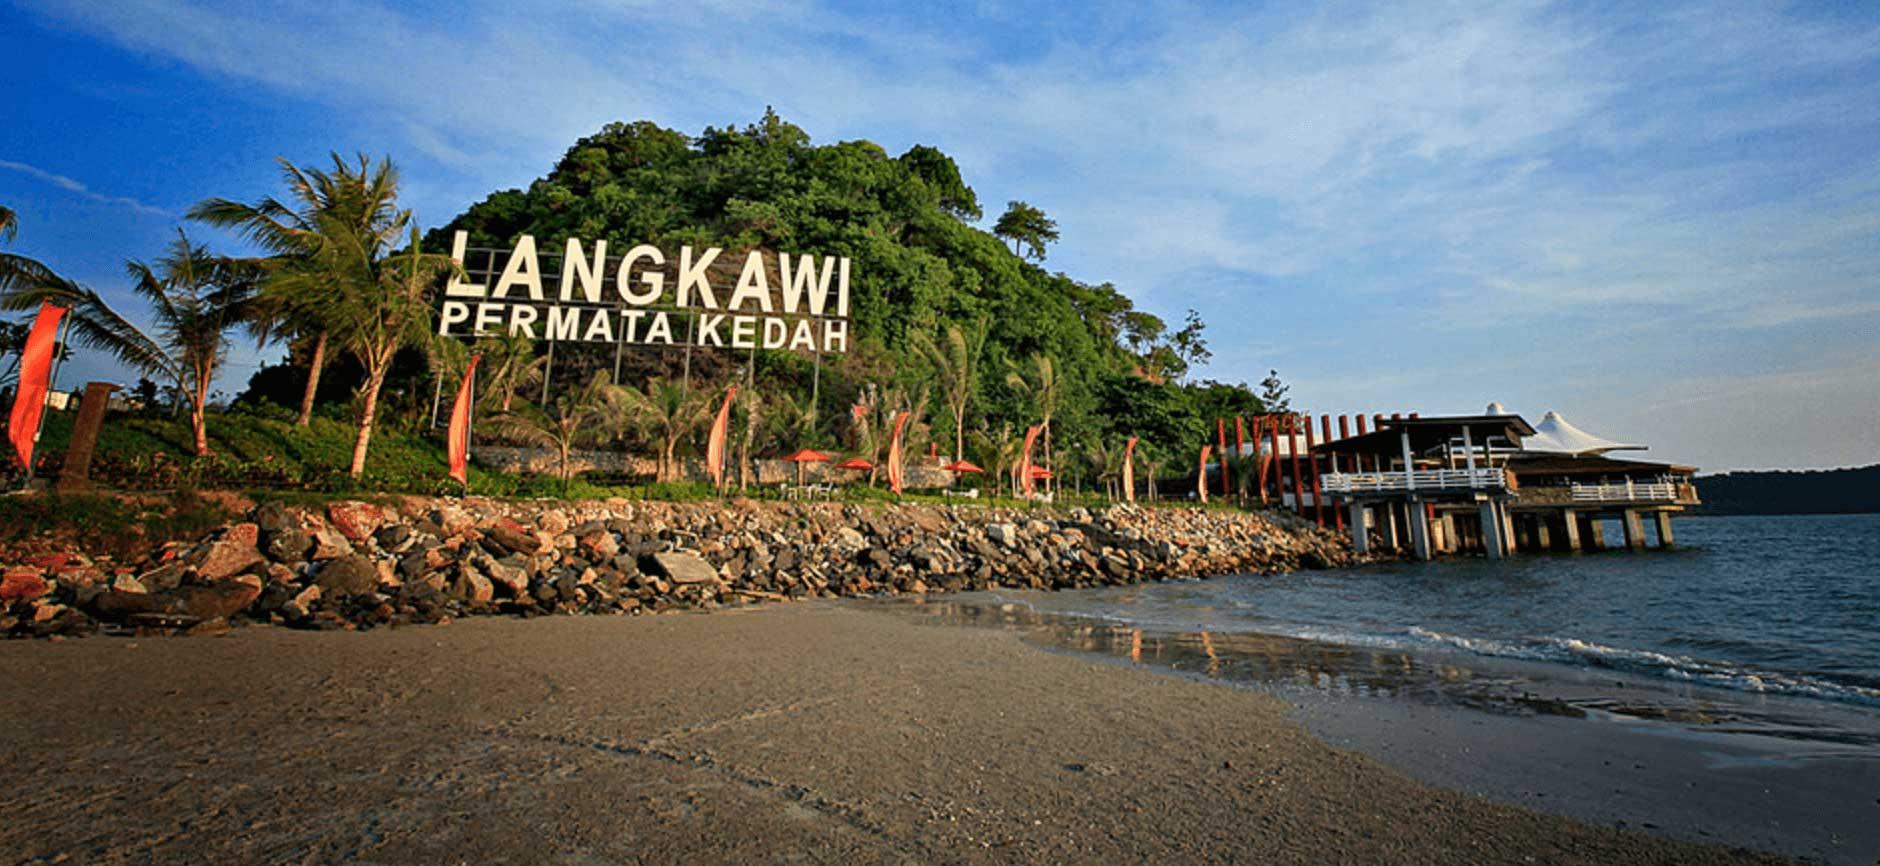 راهنمایی برای سفر به لنکاوی مالزی